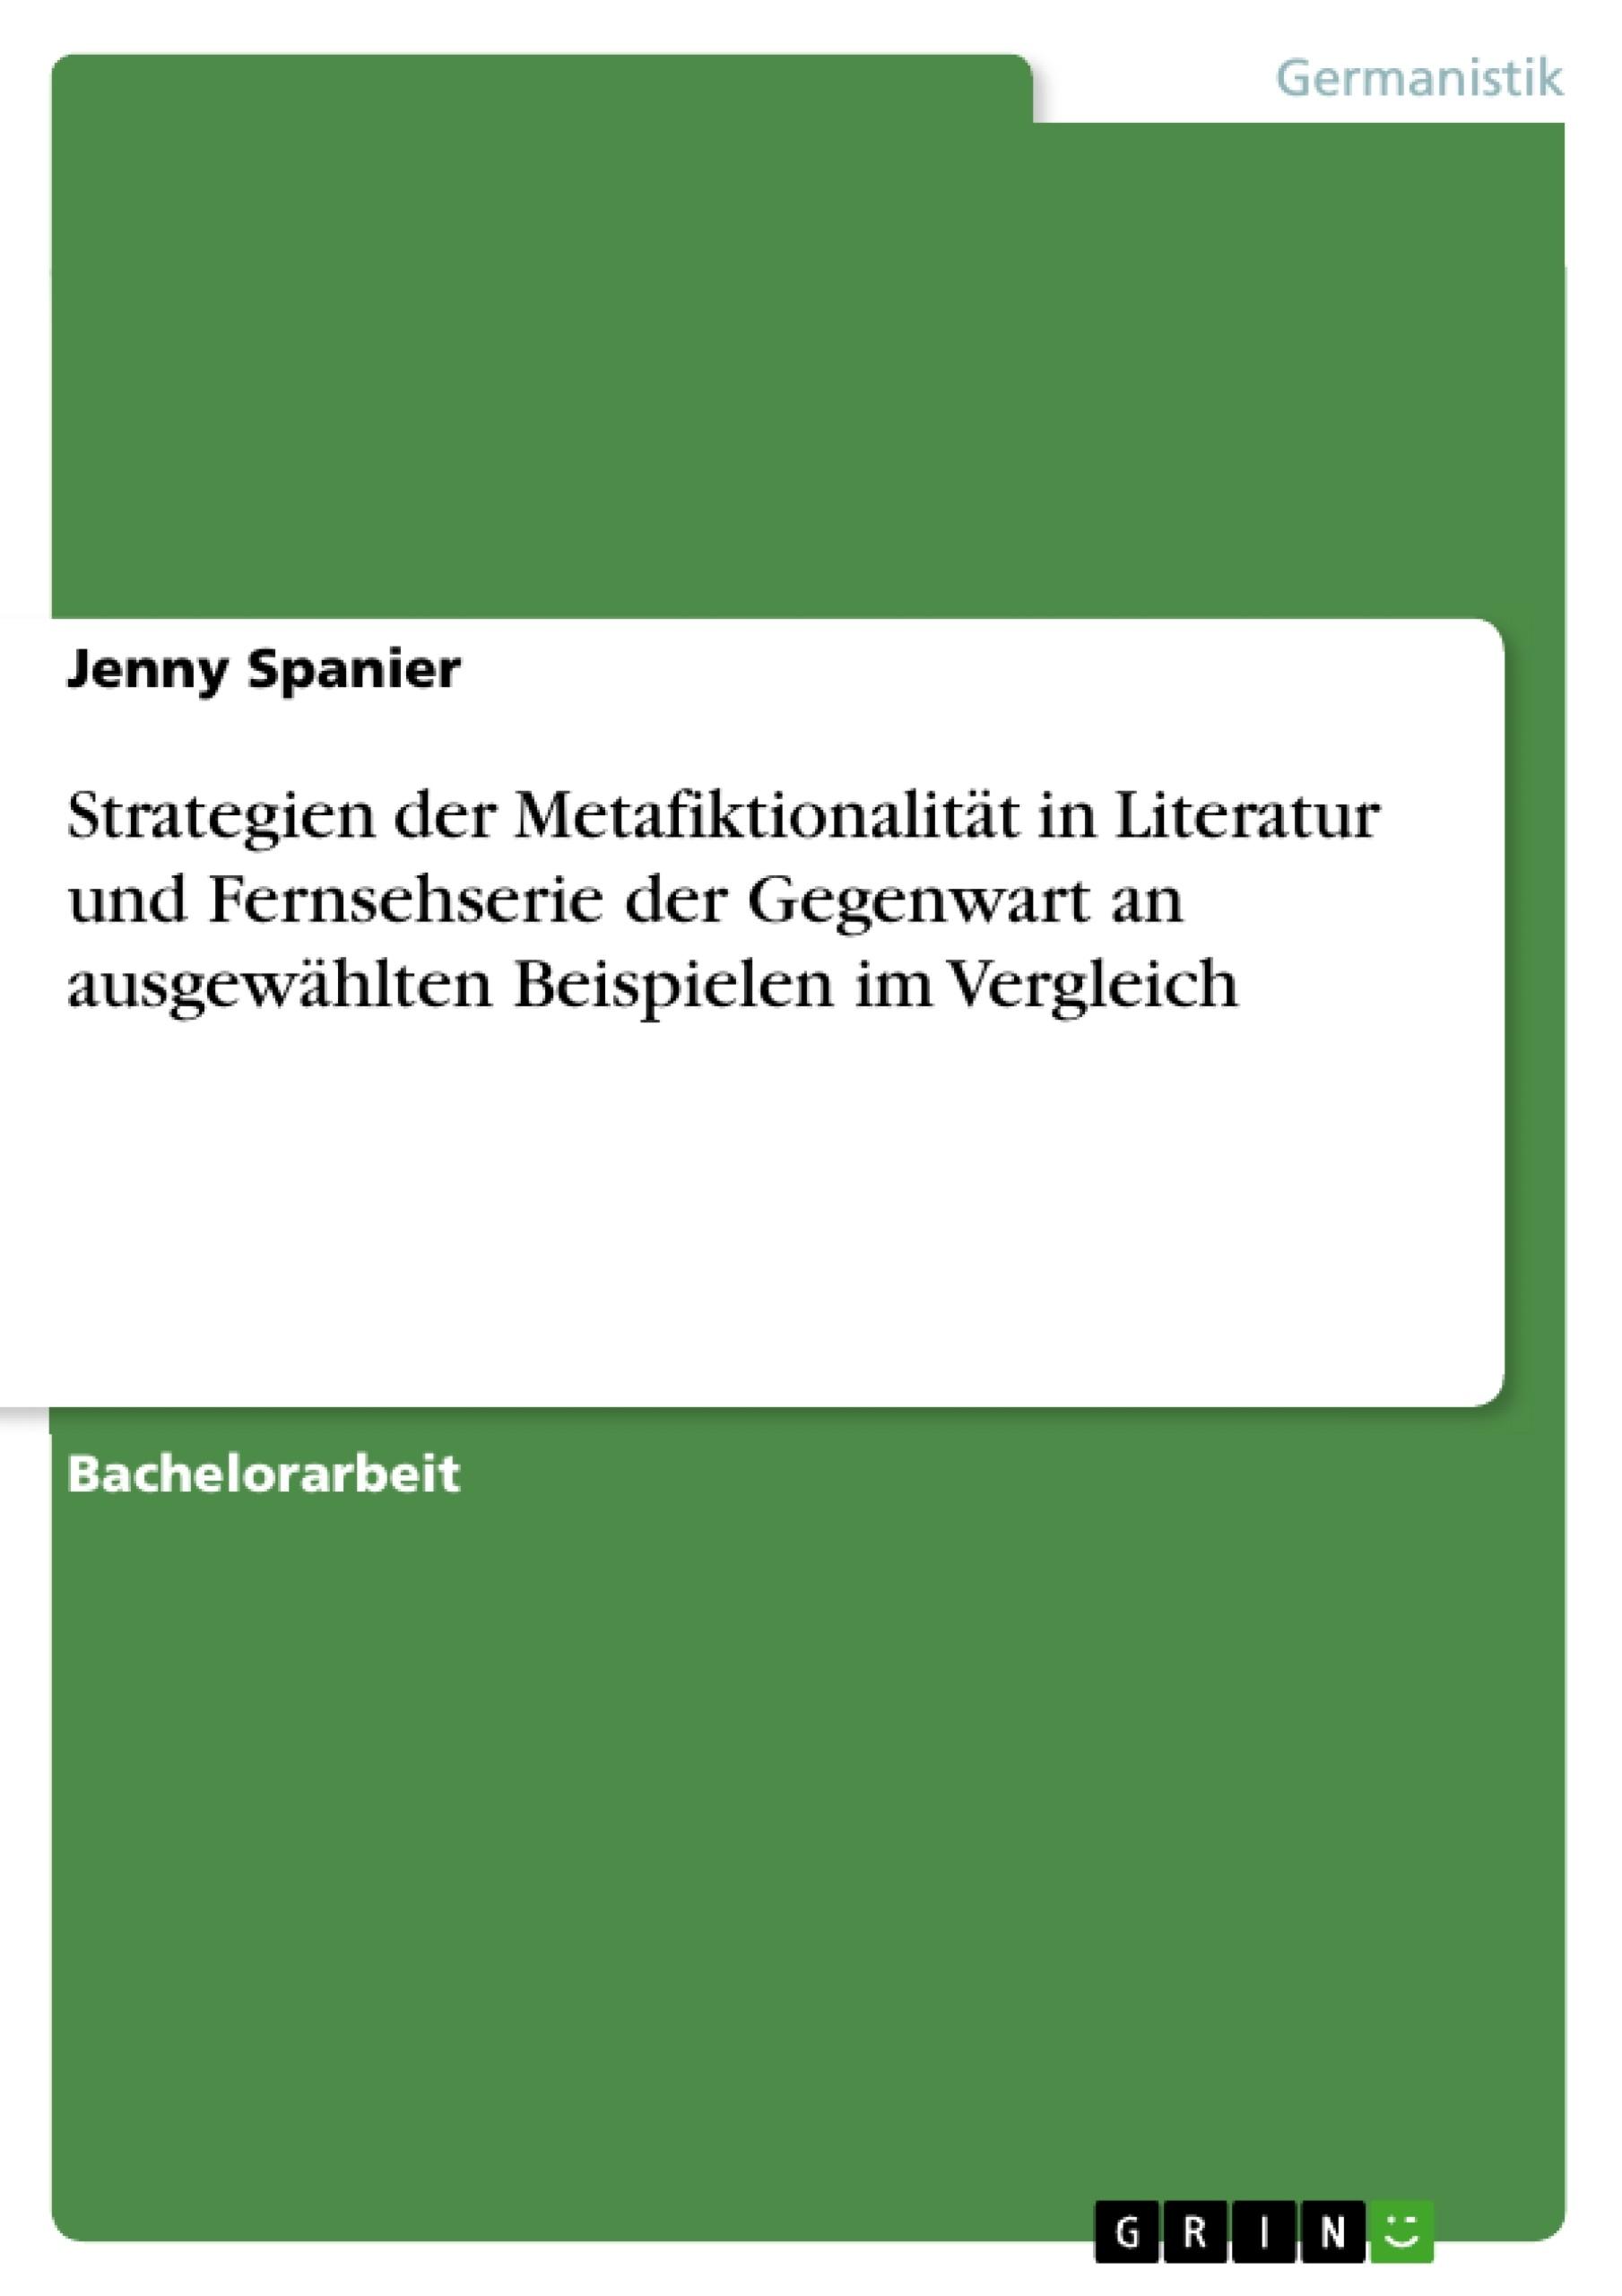 Titel: Strategien der Metafiktionalität in Literatur und Fernsehserie der Gegenwart an ausgewählten Beispielen im Vergleich